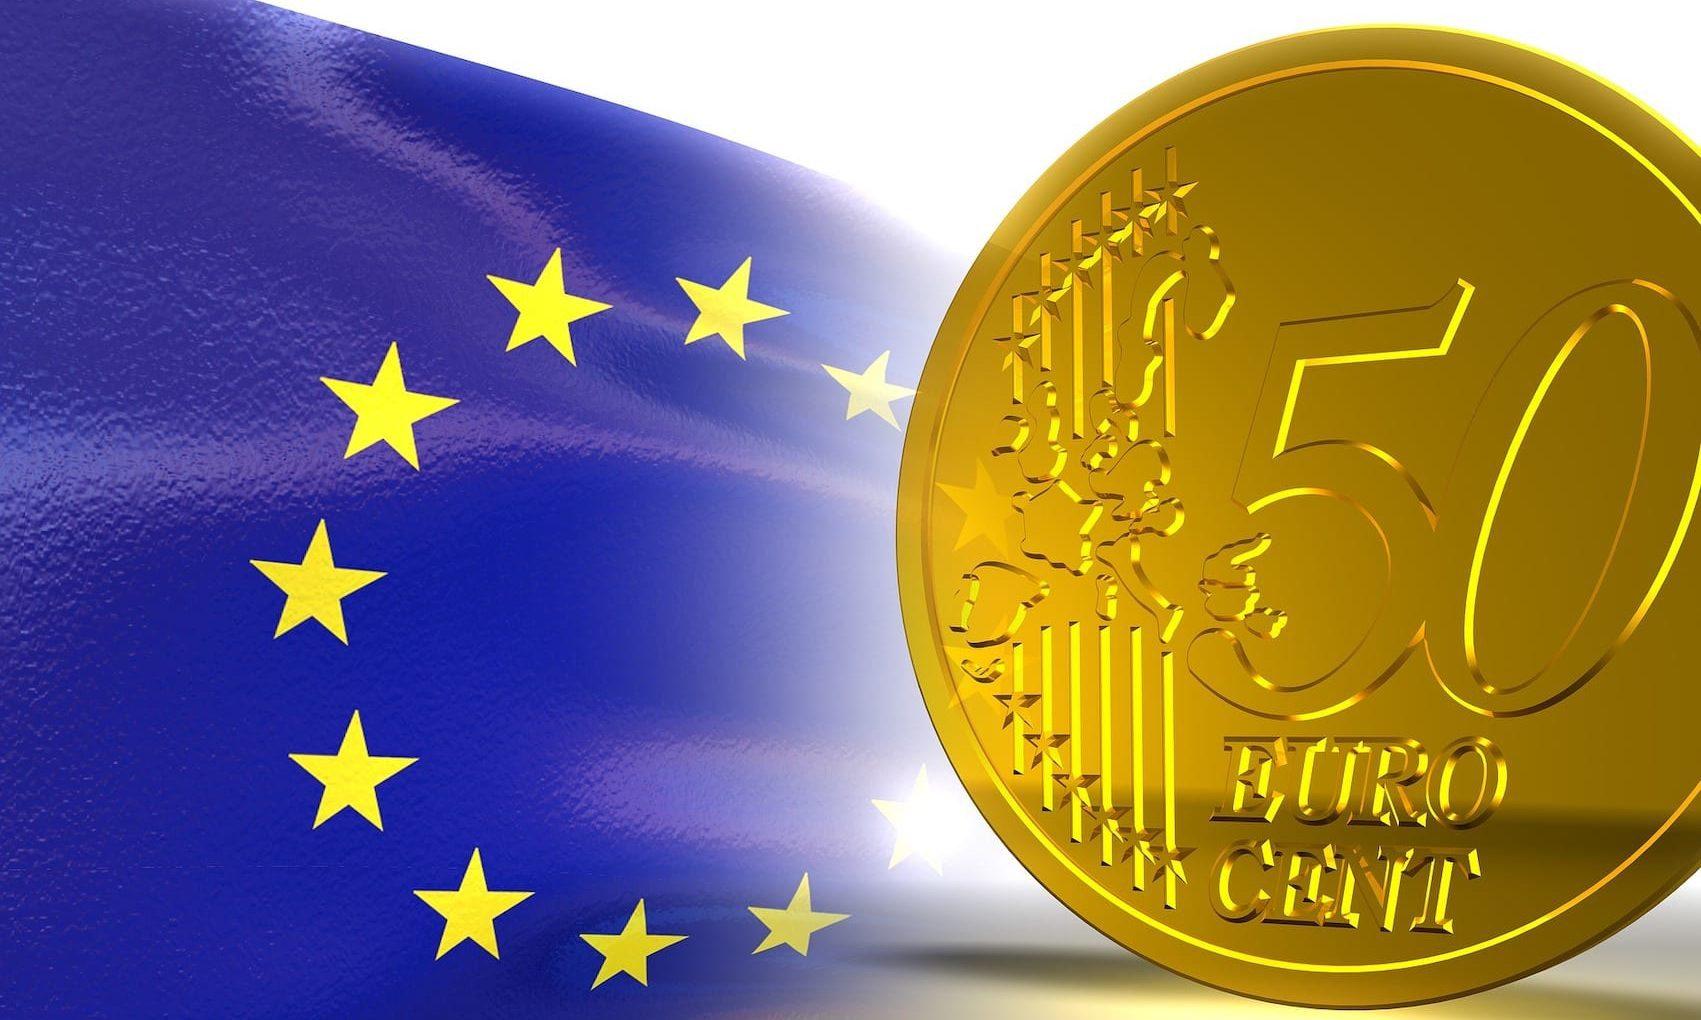 Euro / Europäische Union